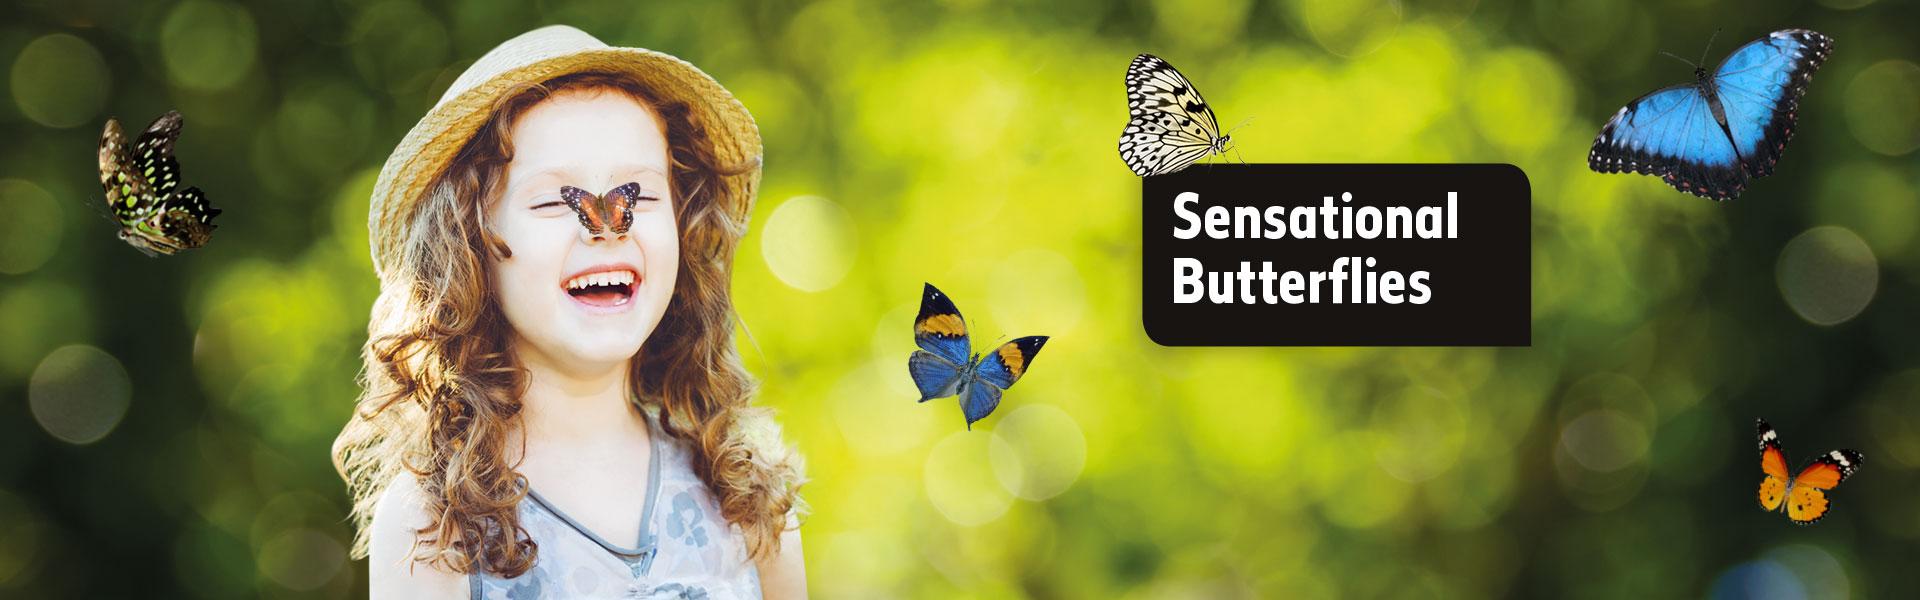 sensational butterflies natural history museum